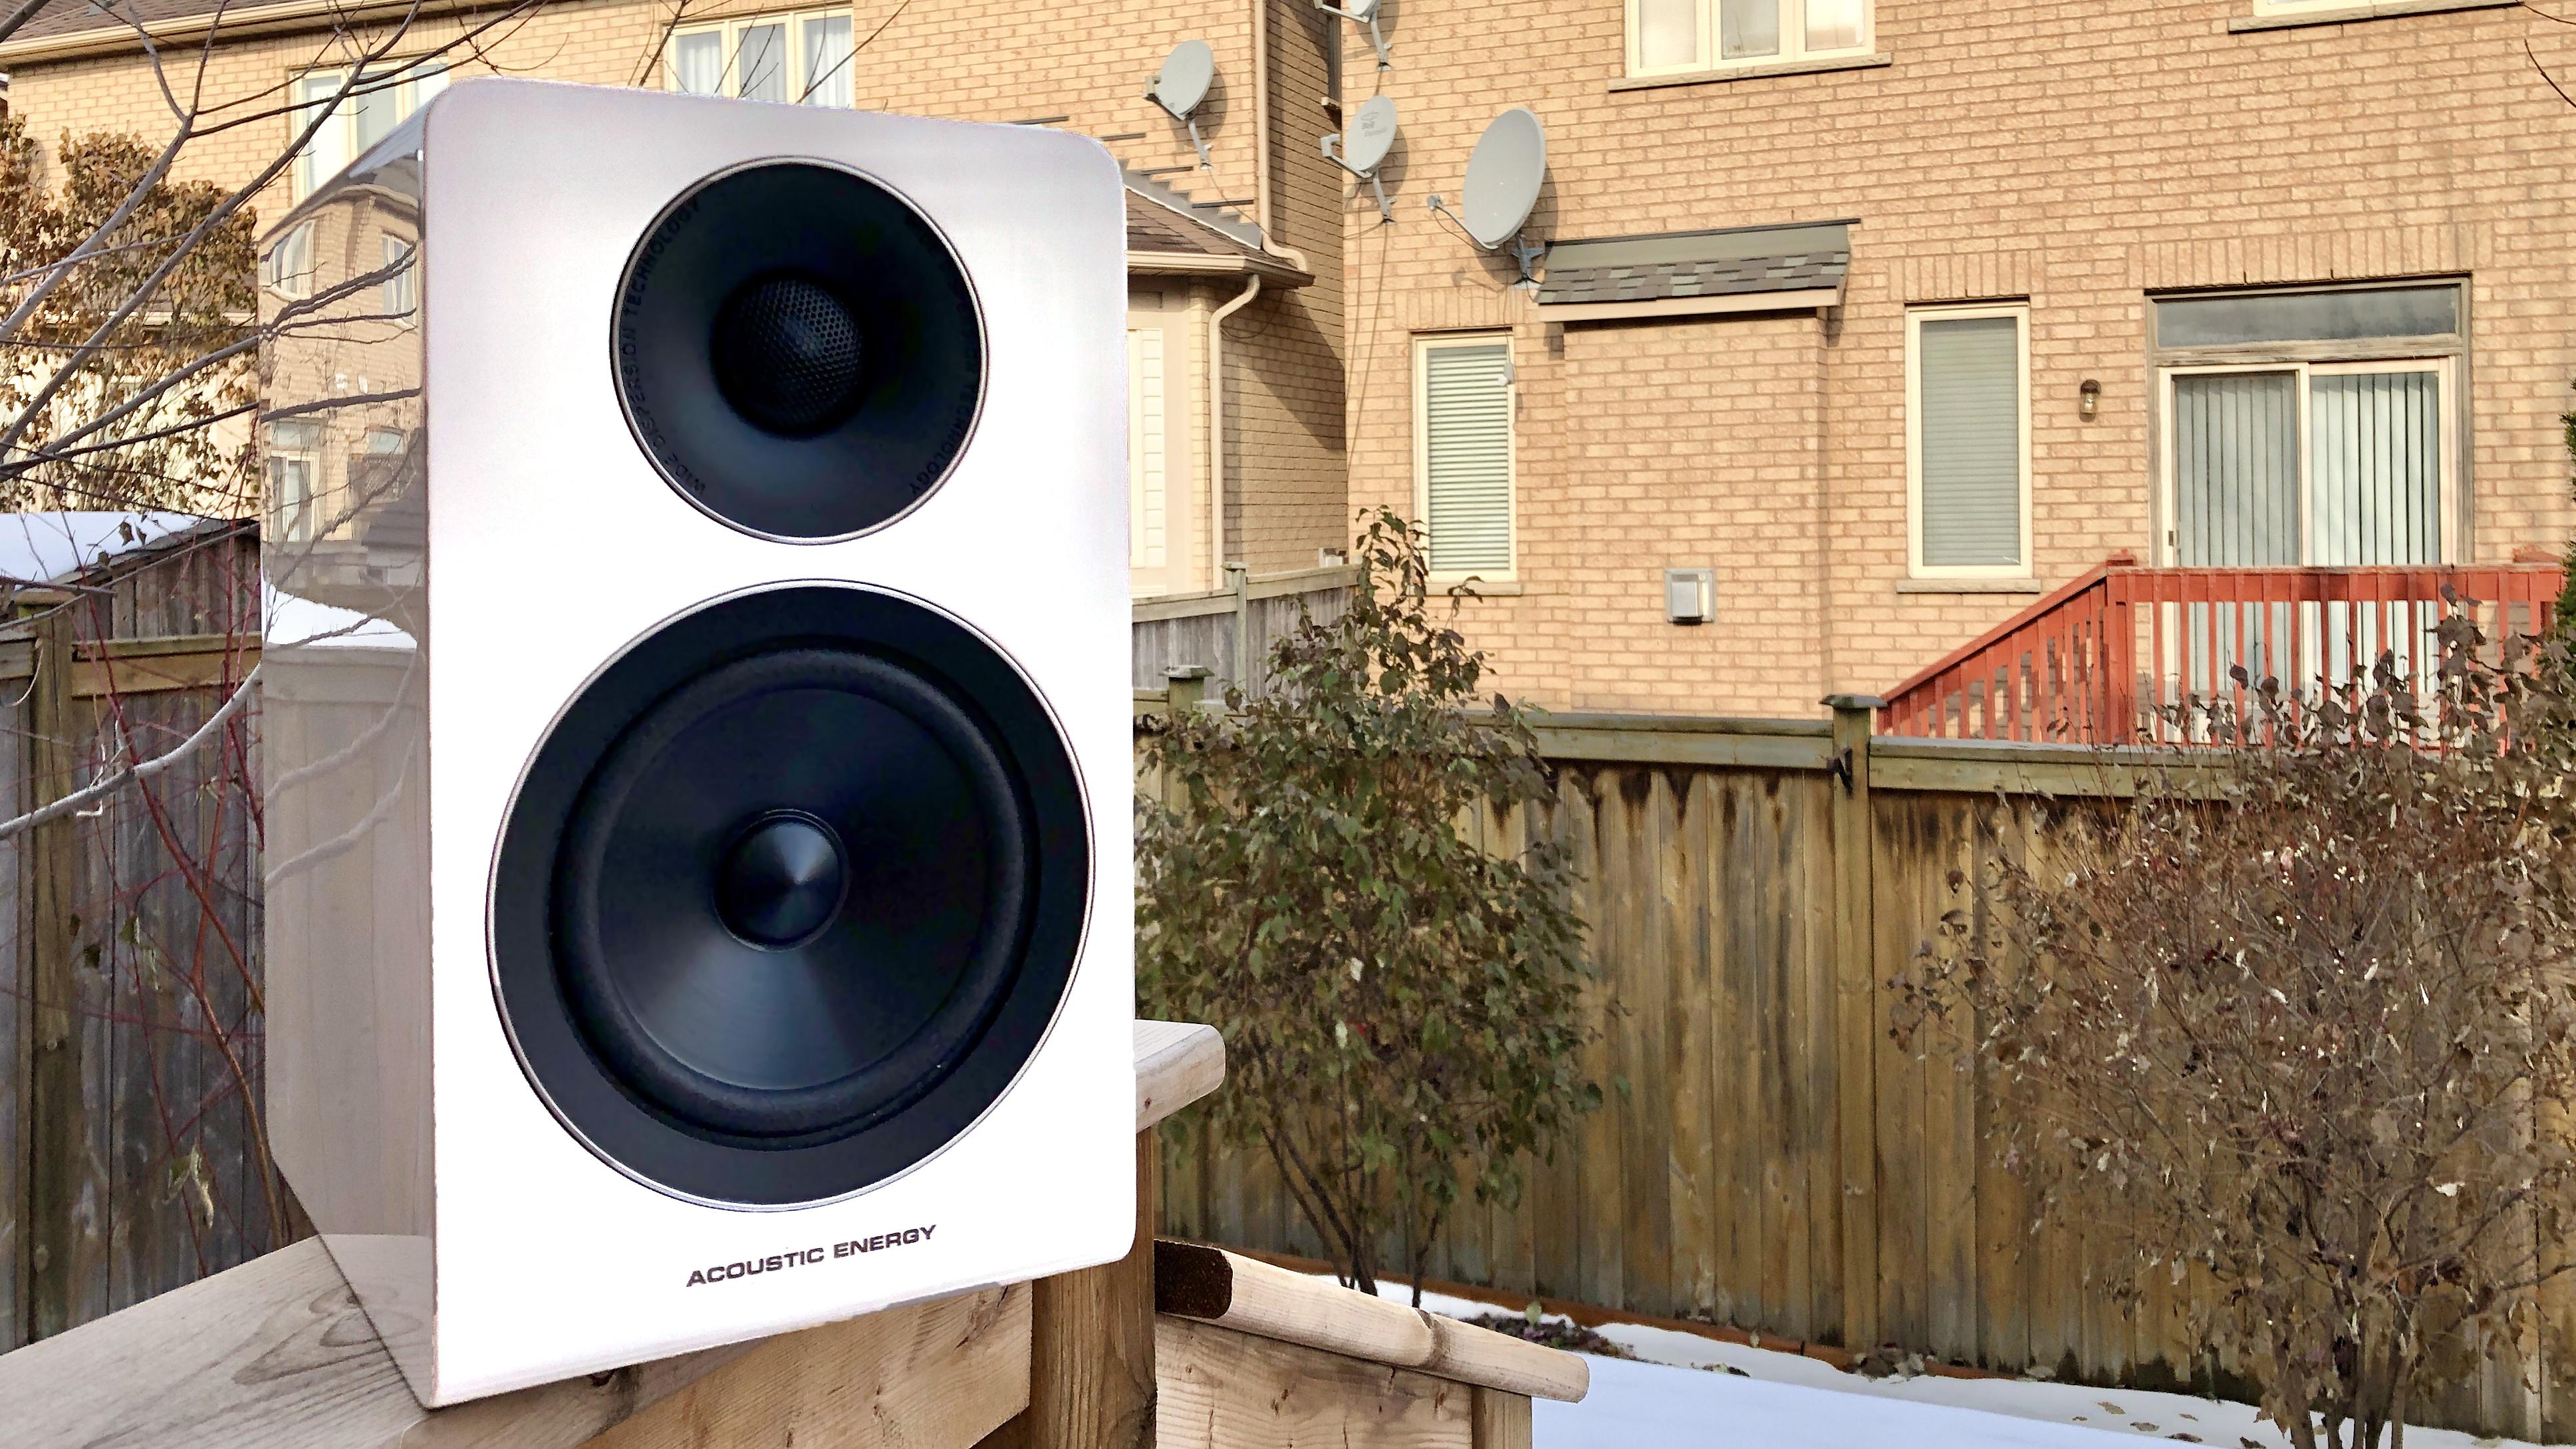 New Pair 2015 300 Watt Chrome Car Stereo Door Speakers Dash Super Tweeters